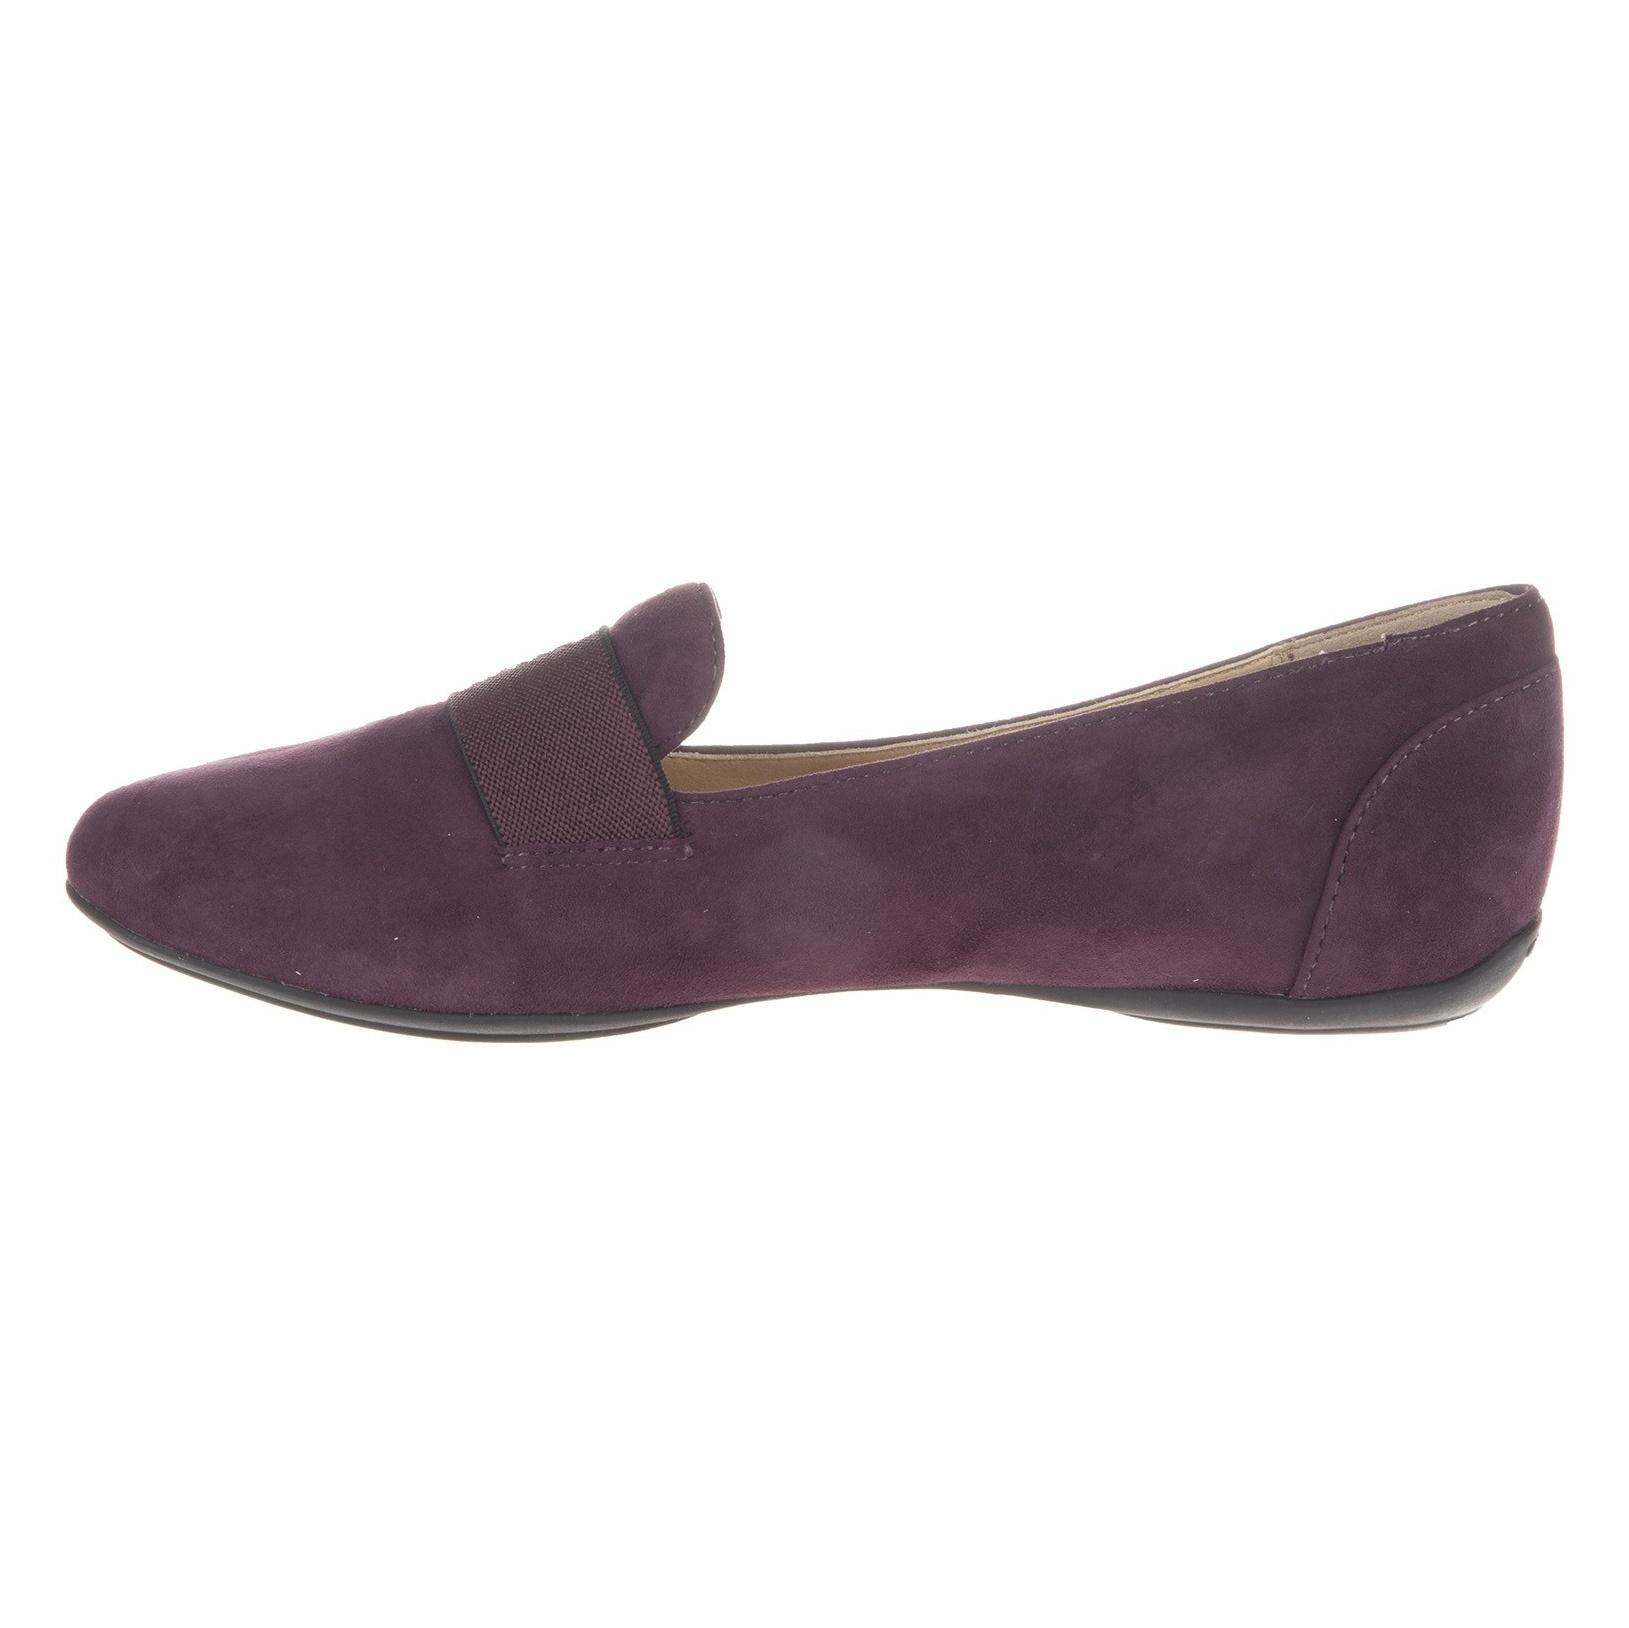 کفش تخت زنانه جی اوکس مدل D34Y7J-00021-C8017 - بنفش - 1